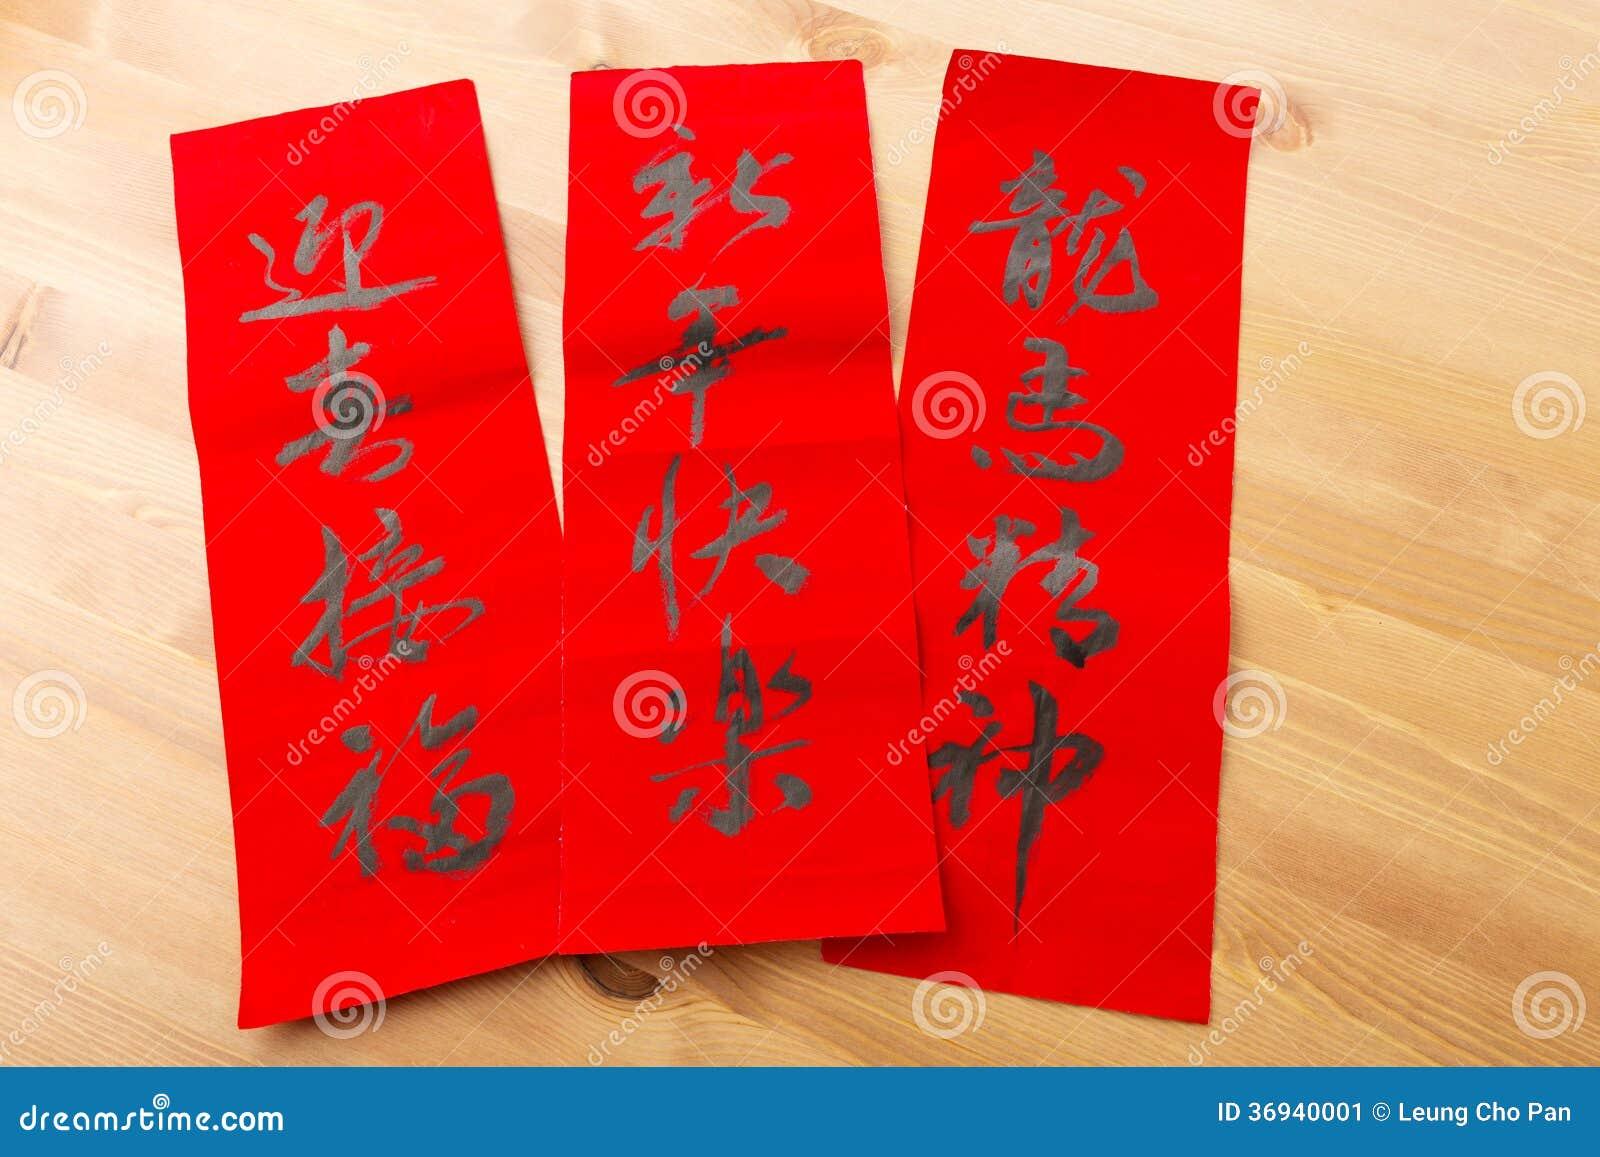 Chinesische Kalligraphie Des Neuen Jahres, Phrasenbedeutung Segnet ...